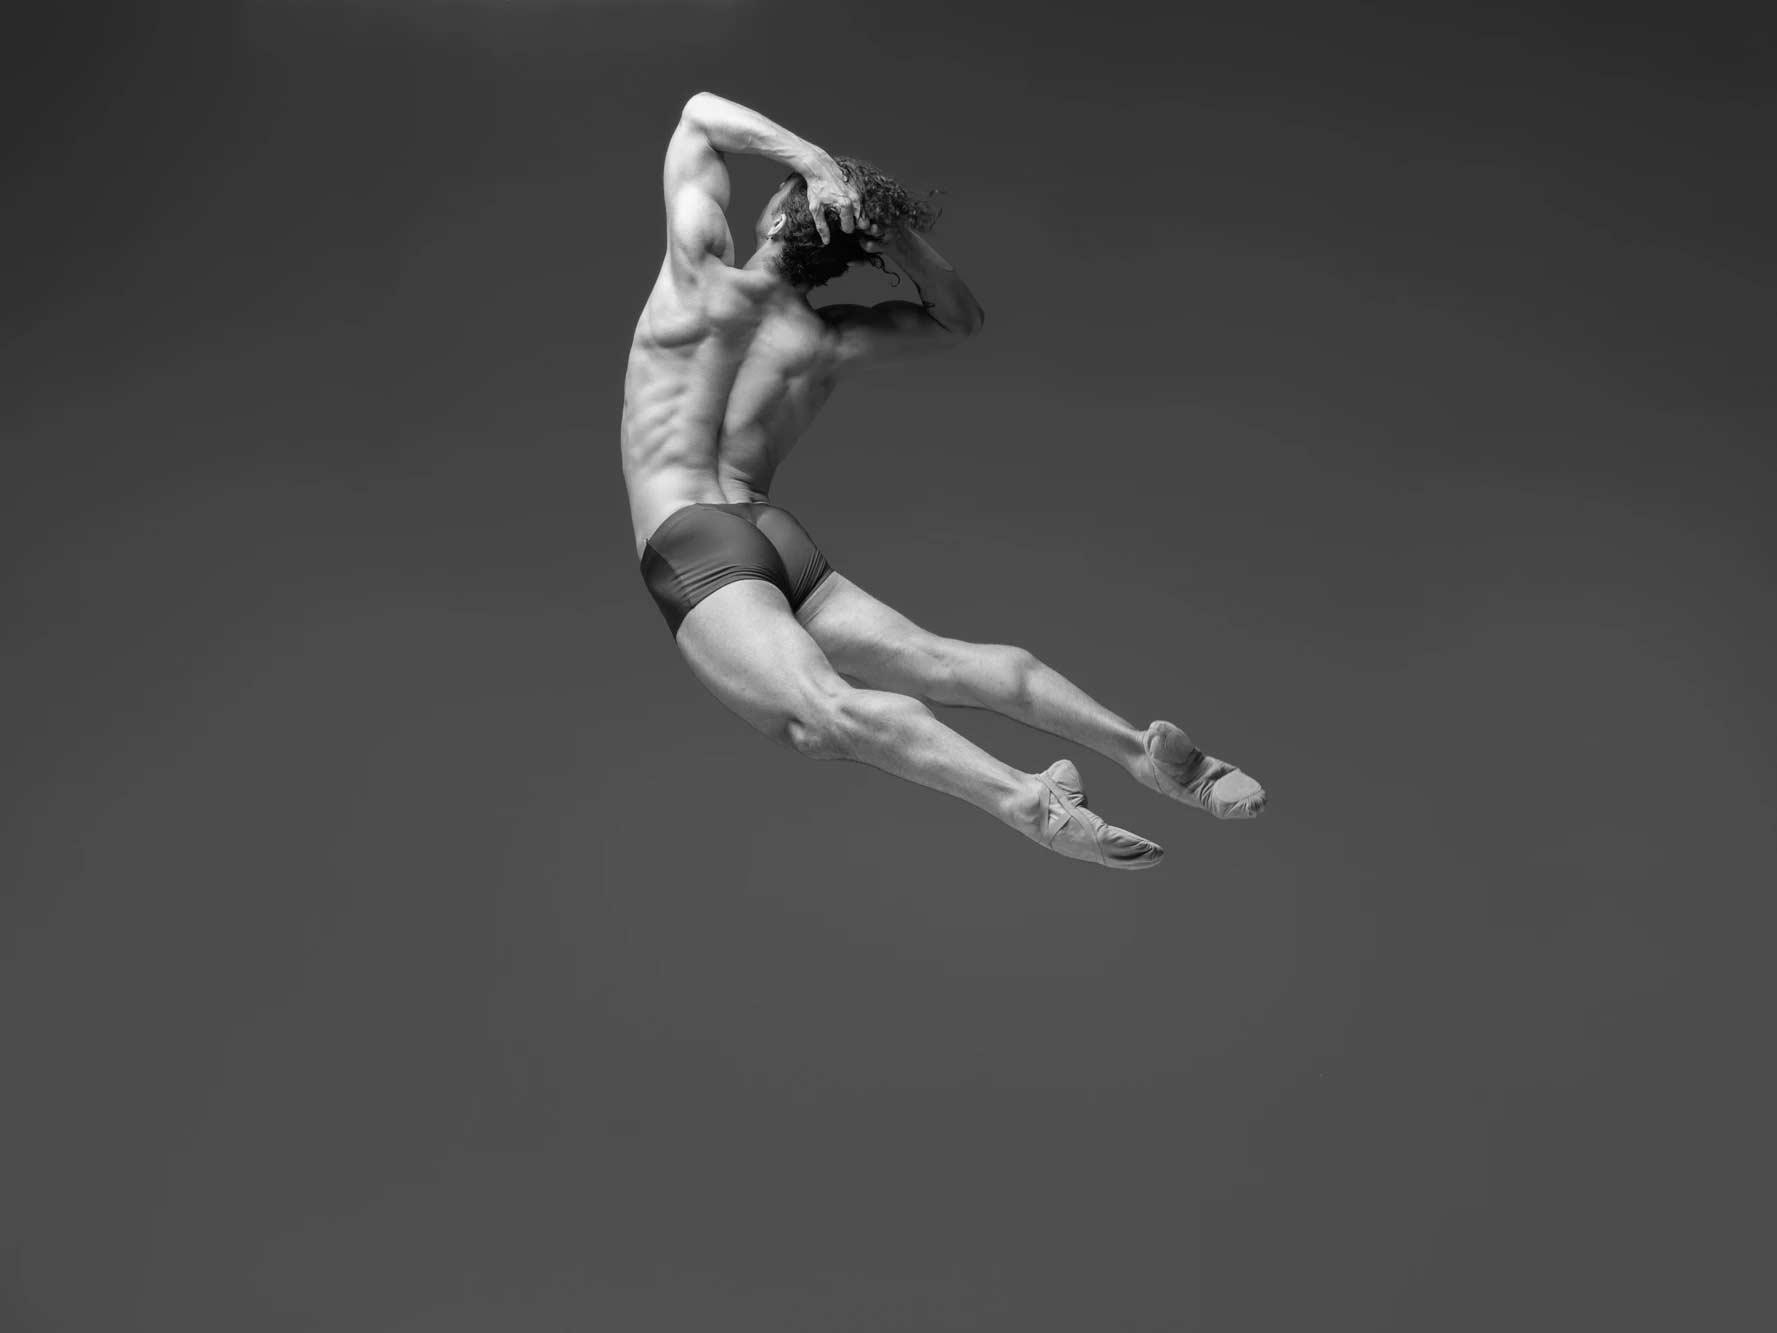 Tänzersprünge in Superzeitlupe Niv-Novak_02